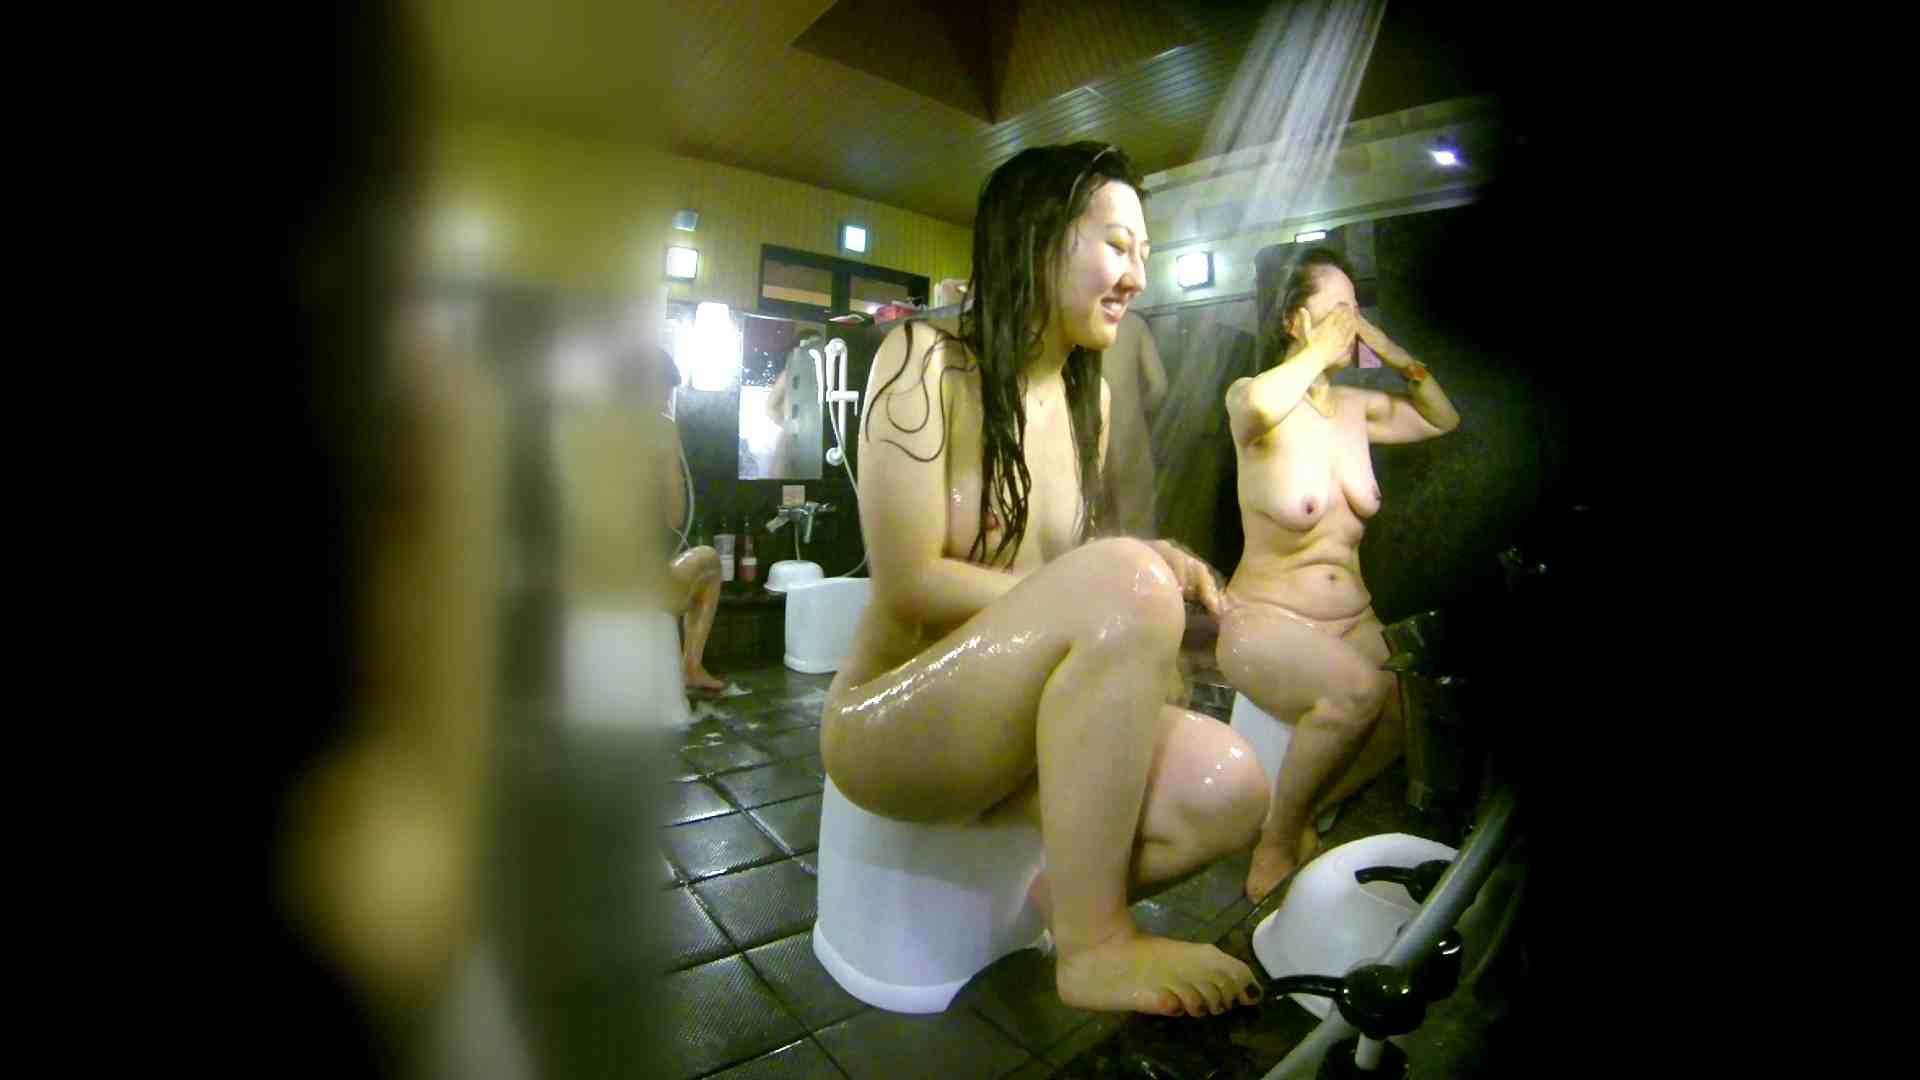 洗い場!右足の位置がいいですね。陰毛もっさり! 銭湯着替え   お姉さん攻略  111画像 43